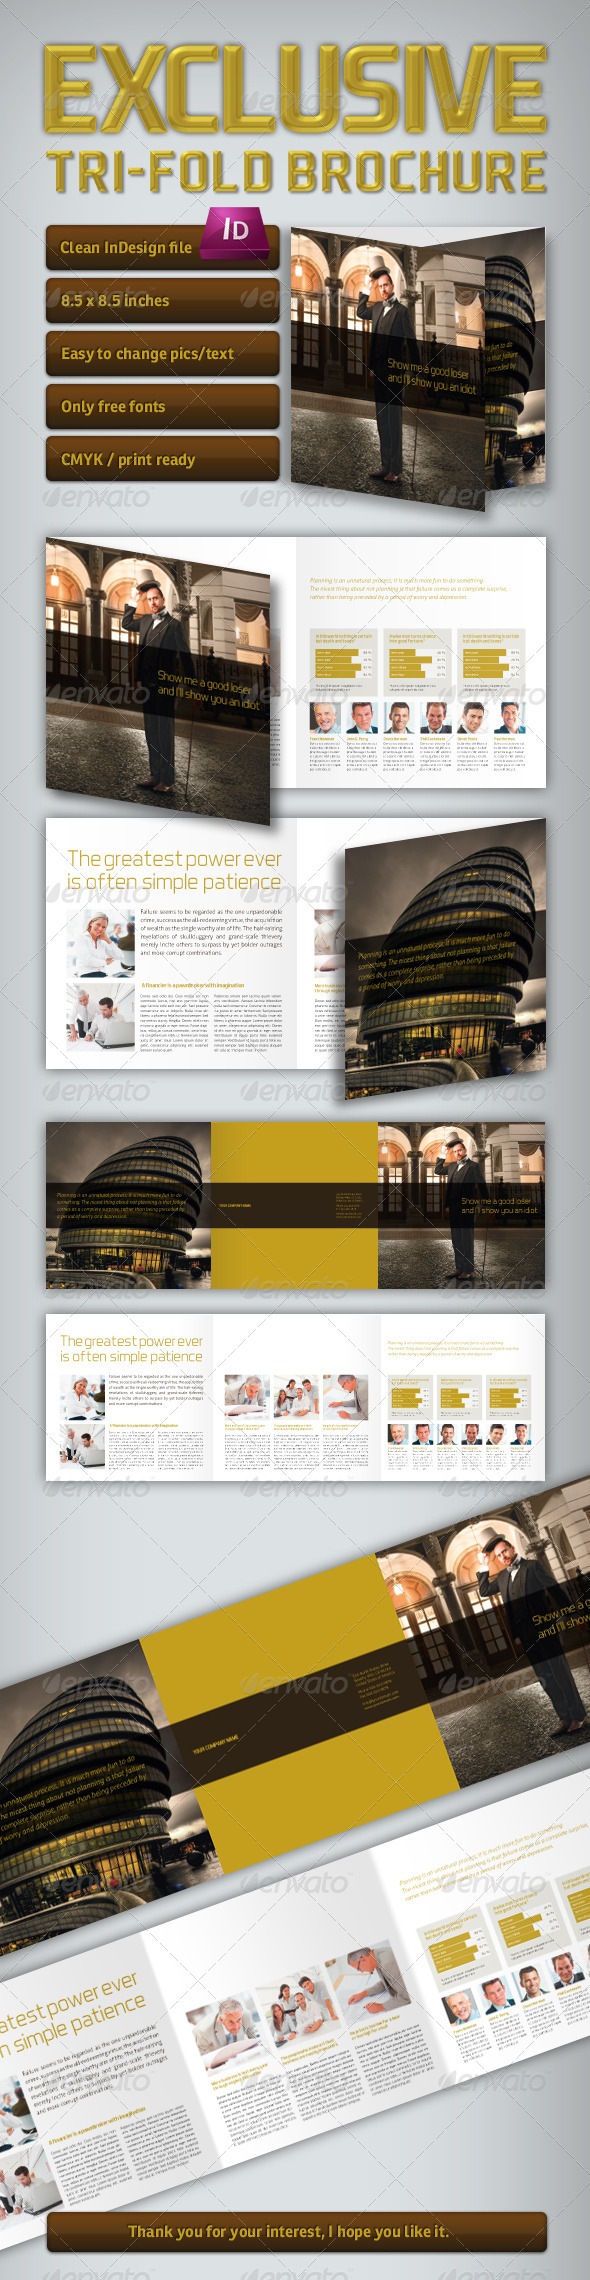 GraphicRiver Exclusive Tri-Fold Brochure 3468234